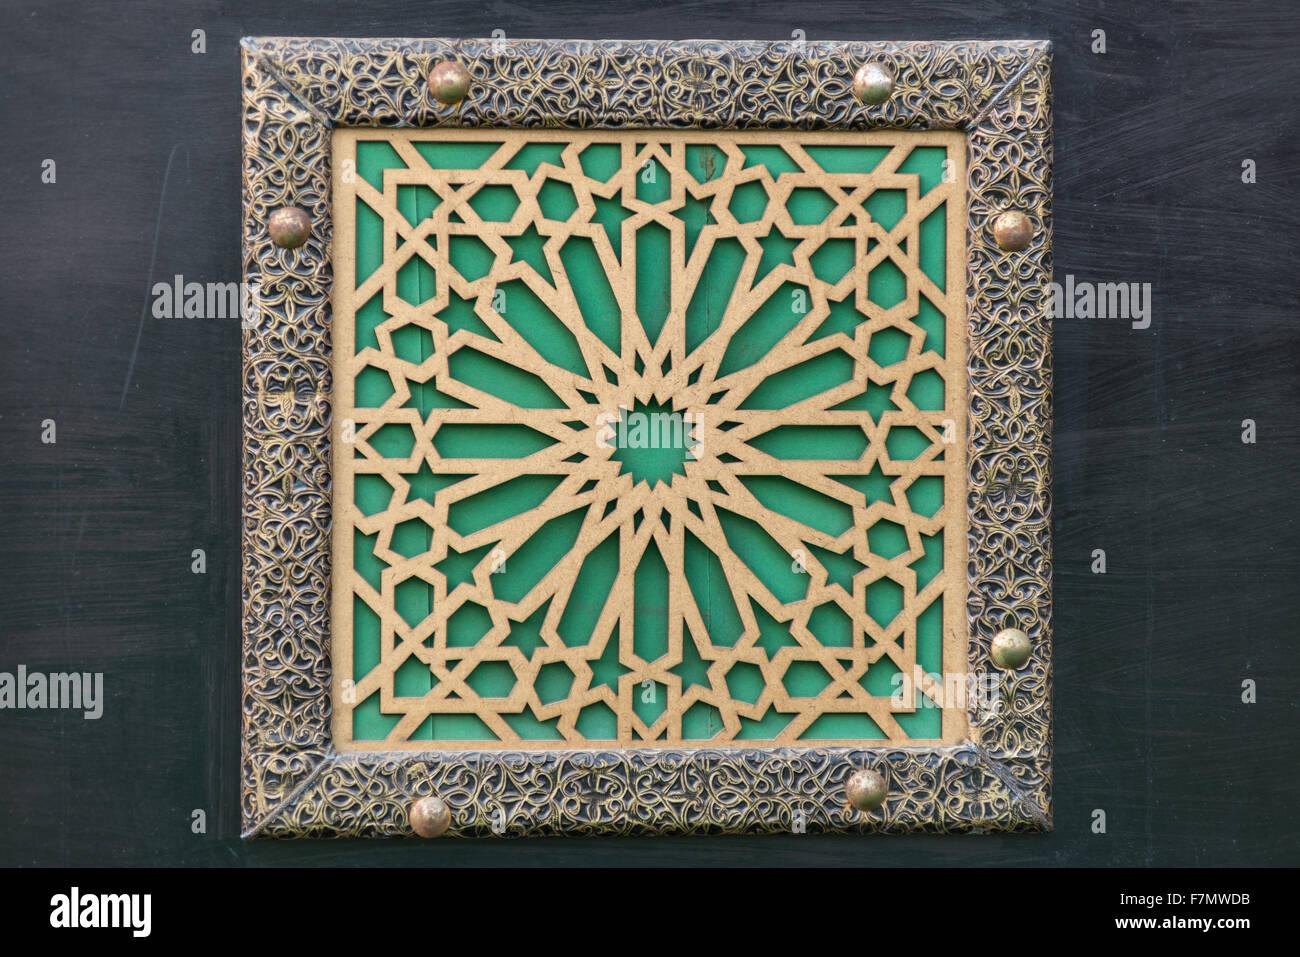 Komplizierten Details auf eine arabische Tür Stockbild